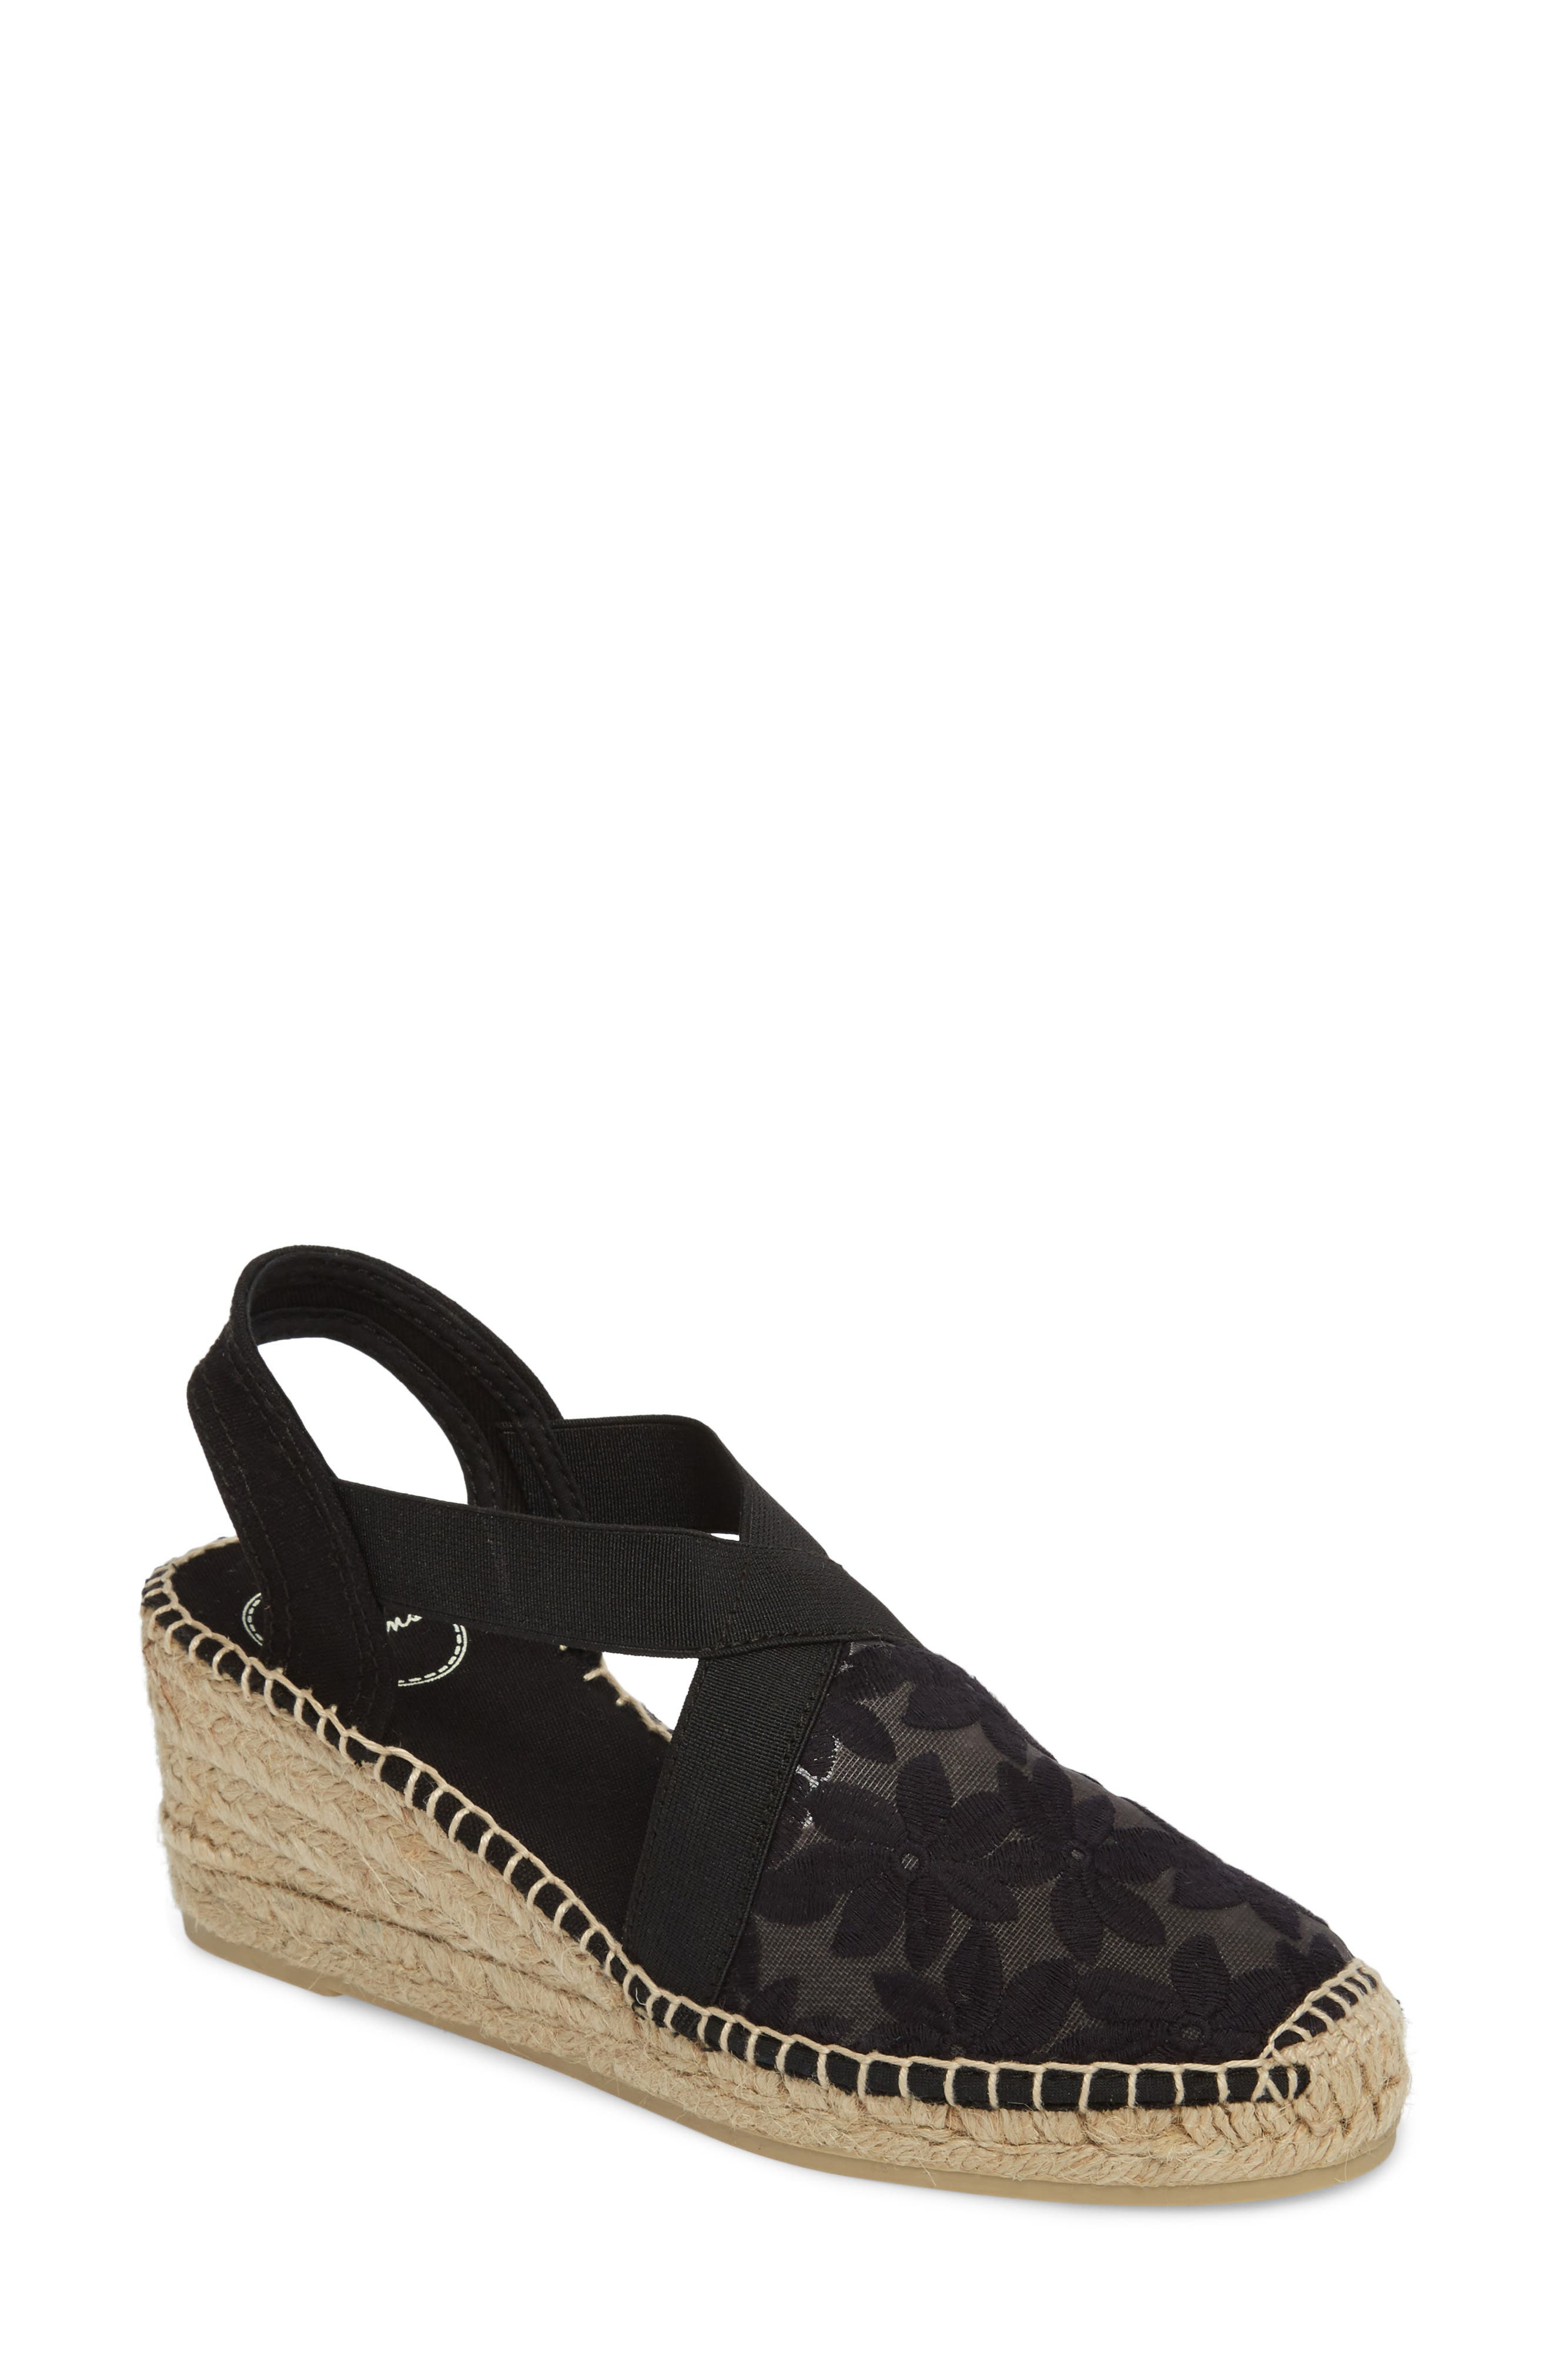 TONI PONS, Terra Espadrille Wedge Sandal, Main thumbnail 1, color, BLACK FABRIC